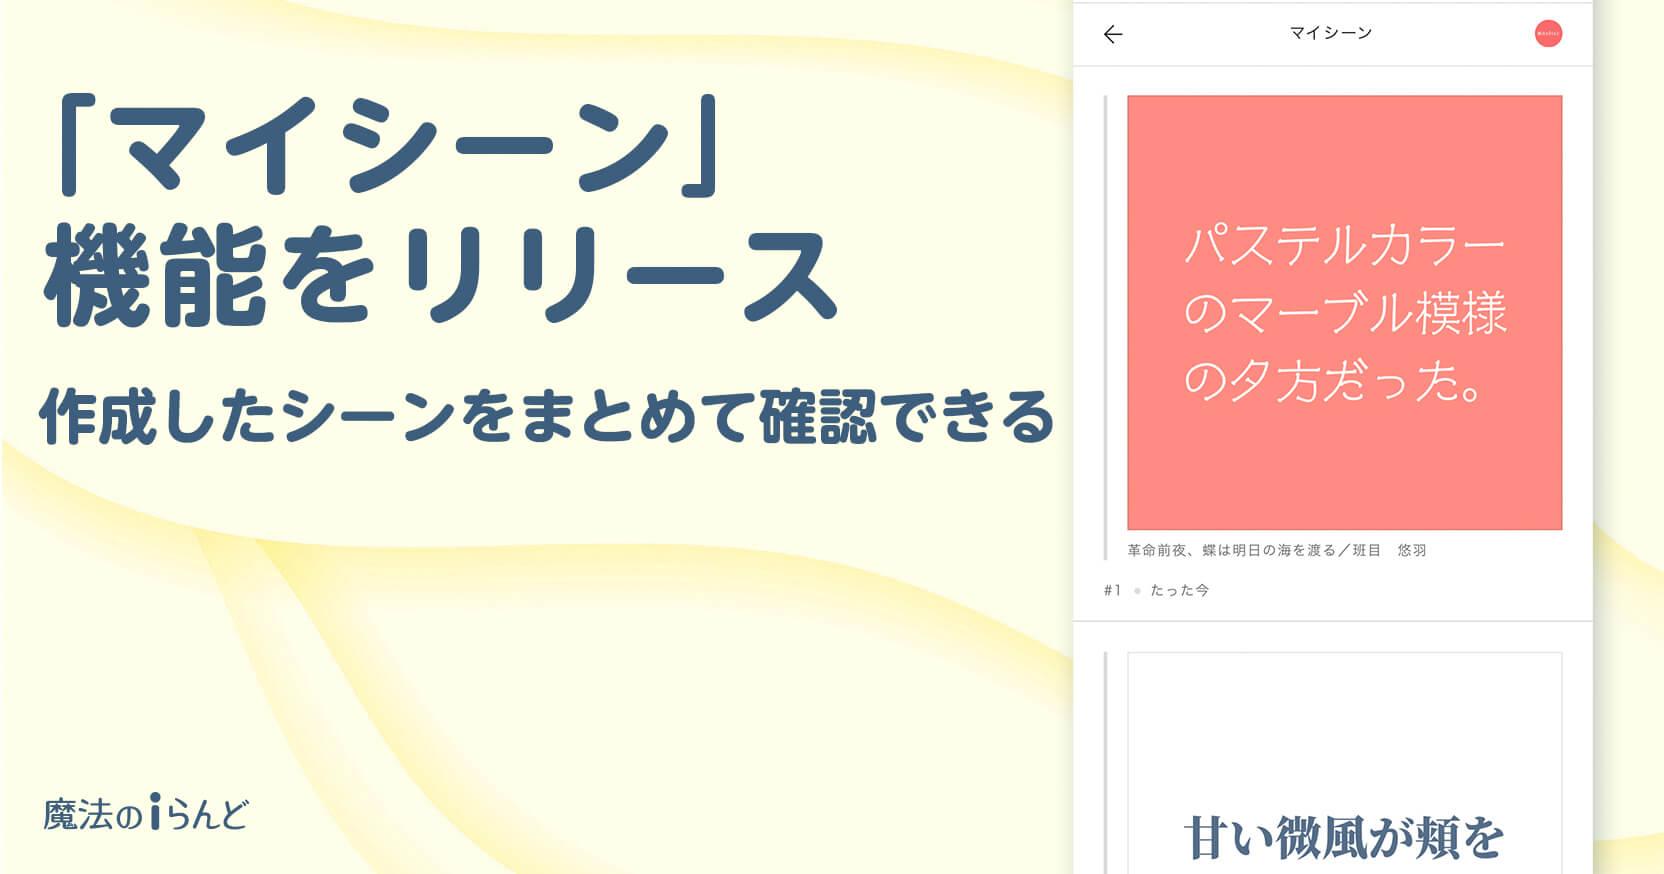 https://storage.googleapis.com/blog-info/entry/2021/03/new_scene_ogp.jpg